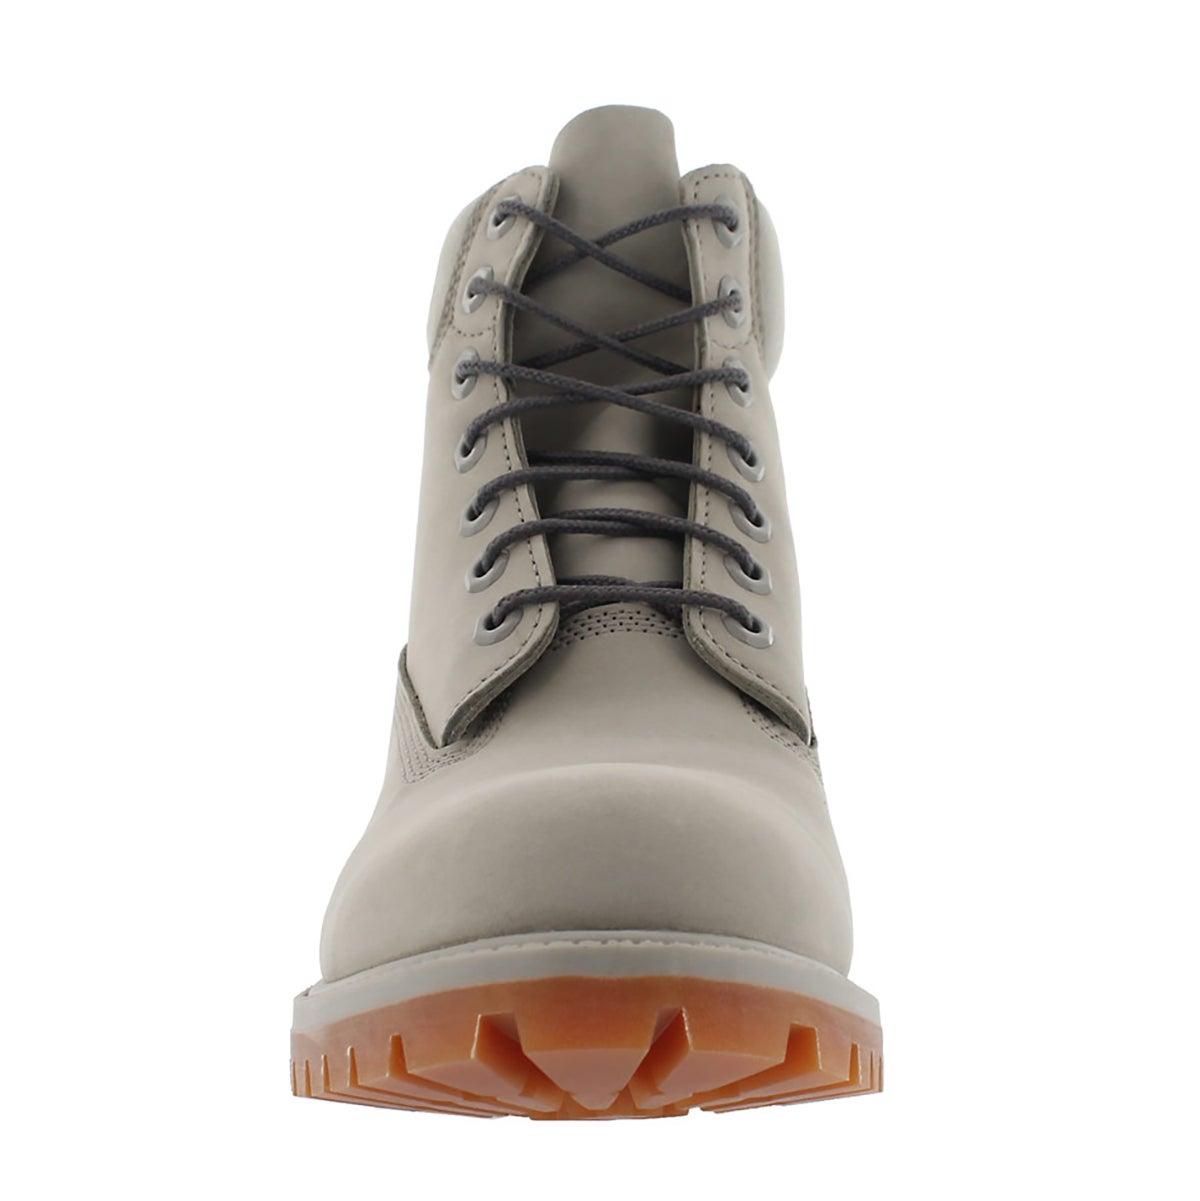 Timberland-Men-039-s-Icon-6-Inch-Premium-Waterproof-Boot